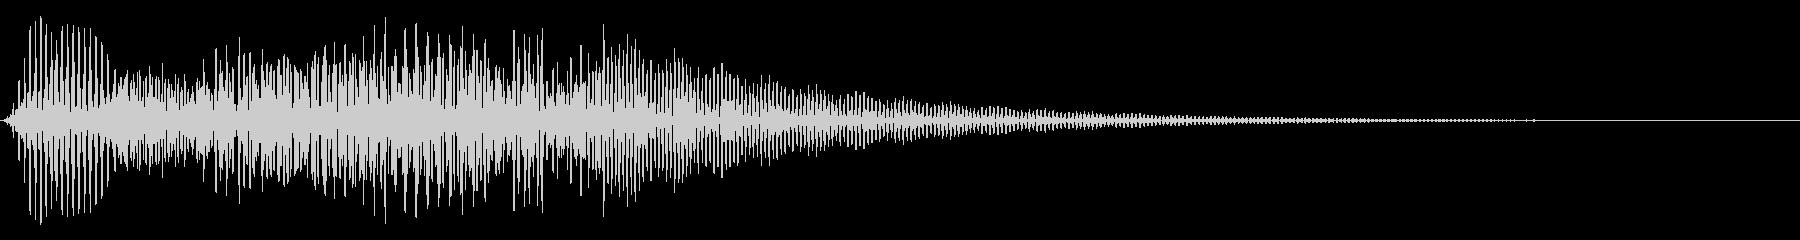 ボタン押下や決定音_キュポン!の未再生の波形